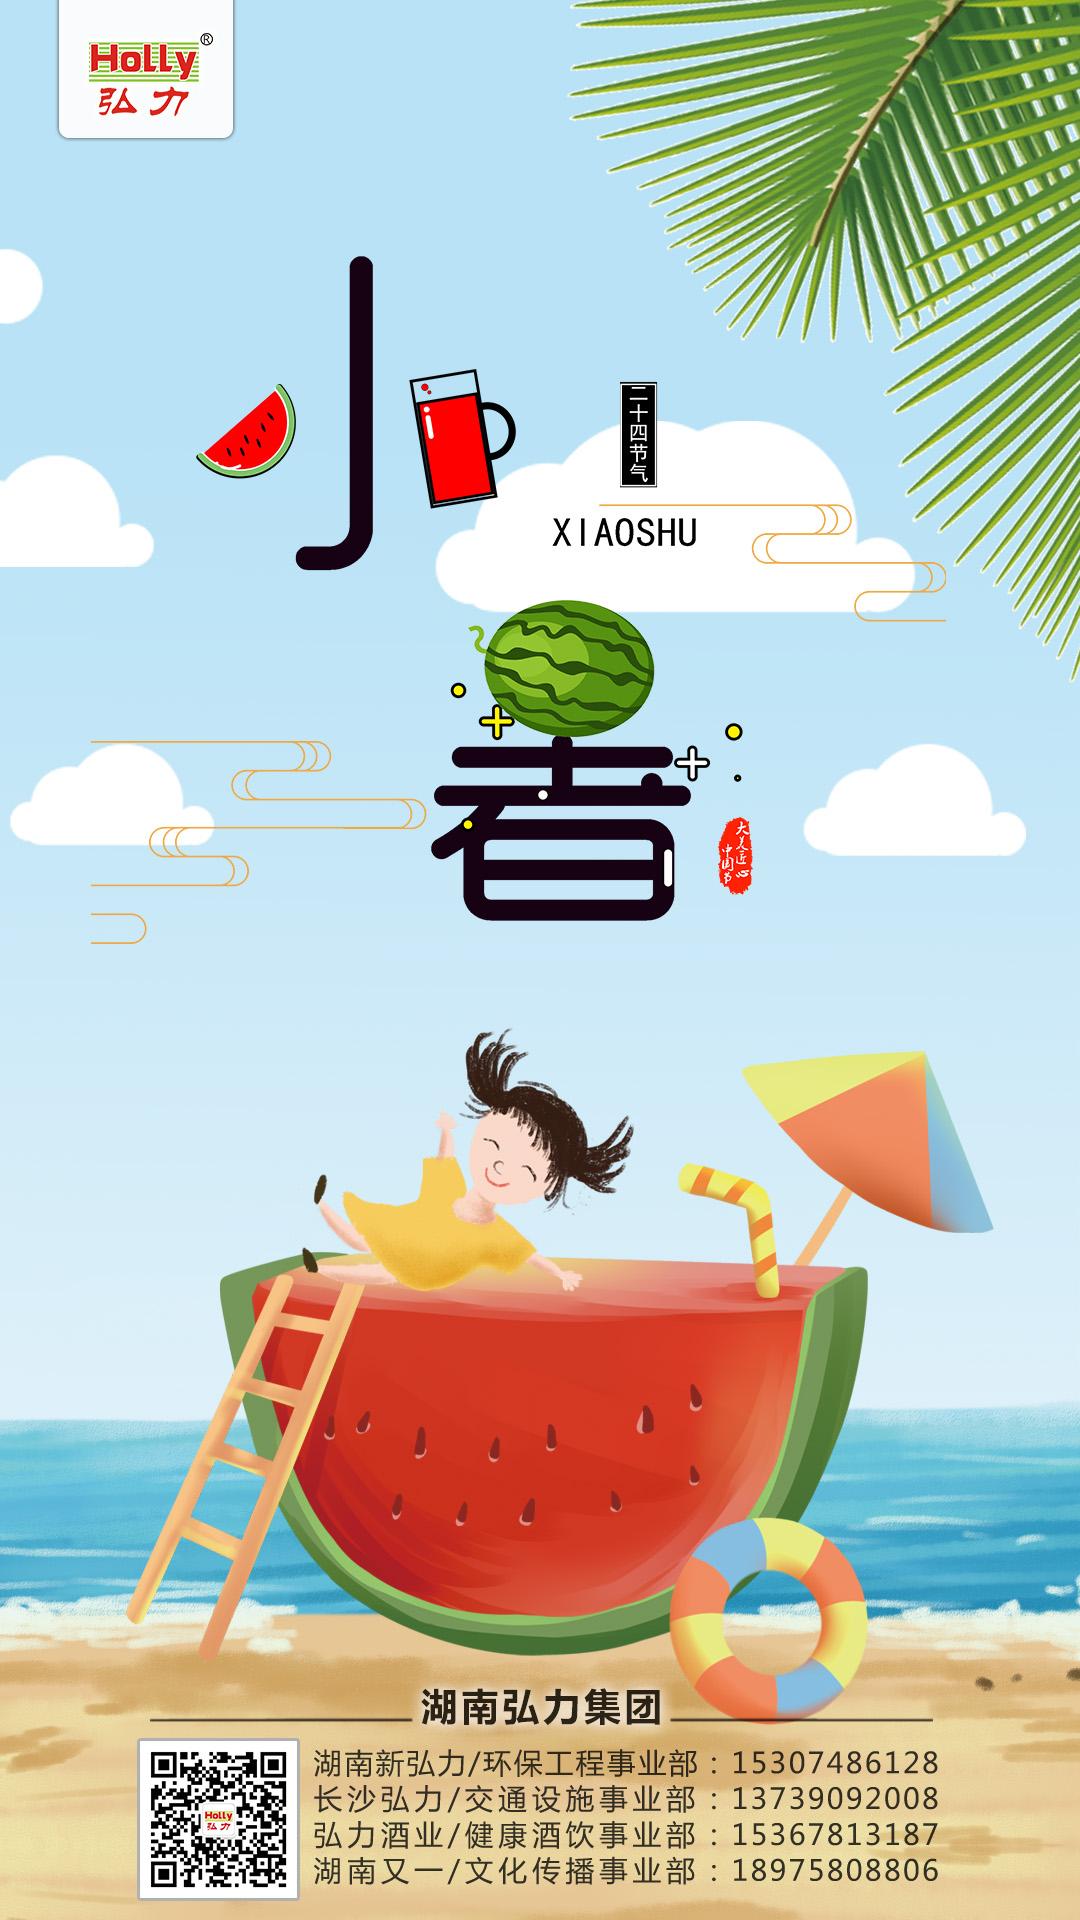 弘力集团,2019.7.7小暑.jpg